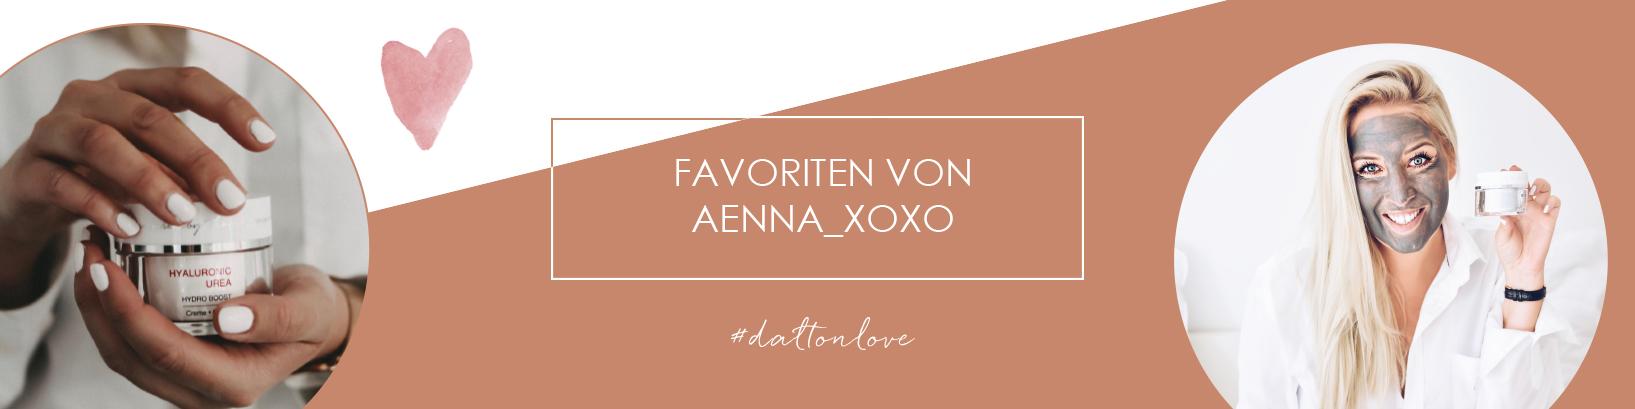 Die Dalton Produkthighlights von aenna_xoxo